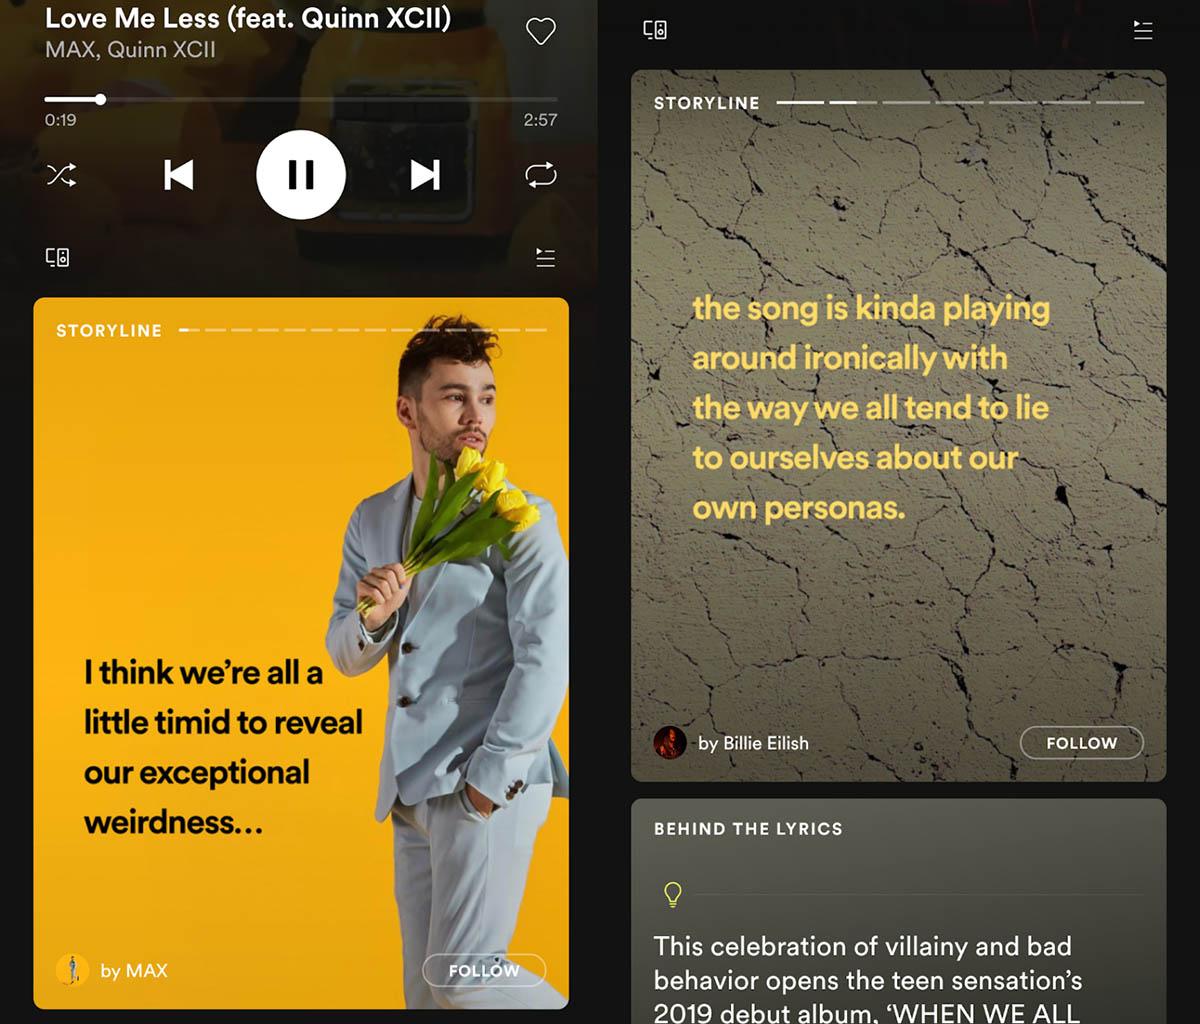 Las Stories de Spotify llegan para quedarse